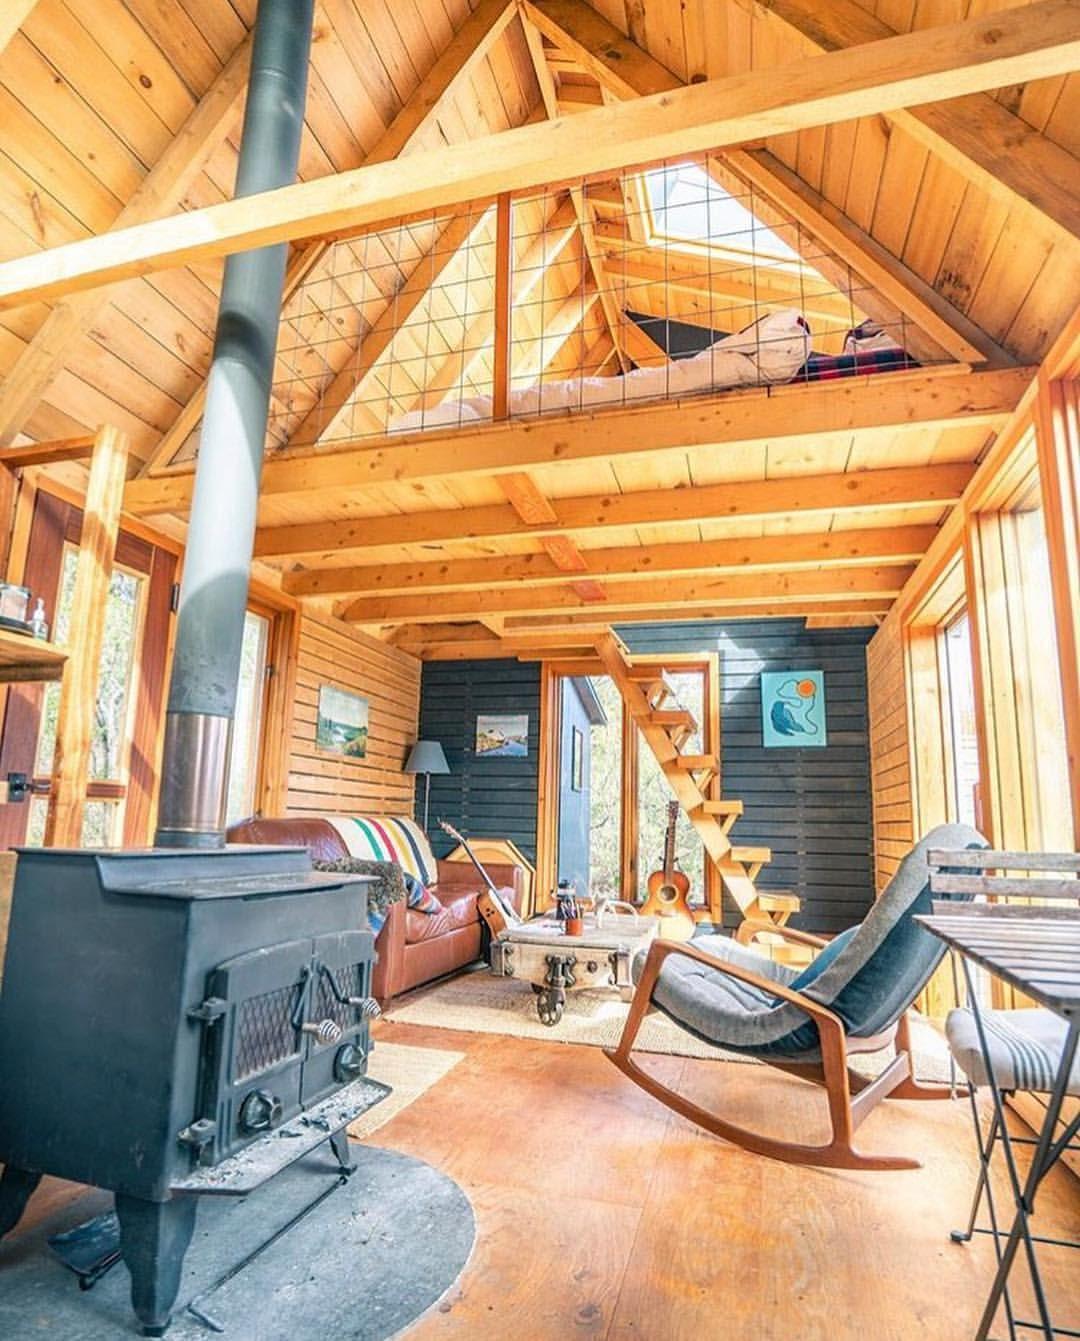 Ravenhouse Getawaycabin Gananoque Ontario